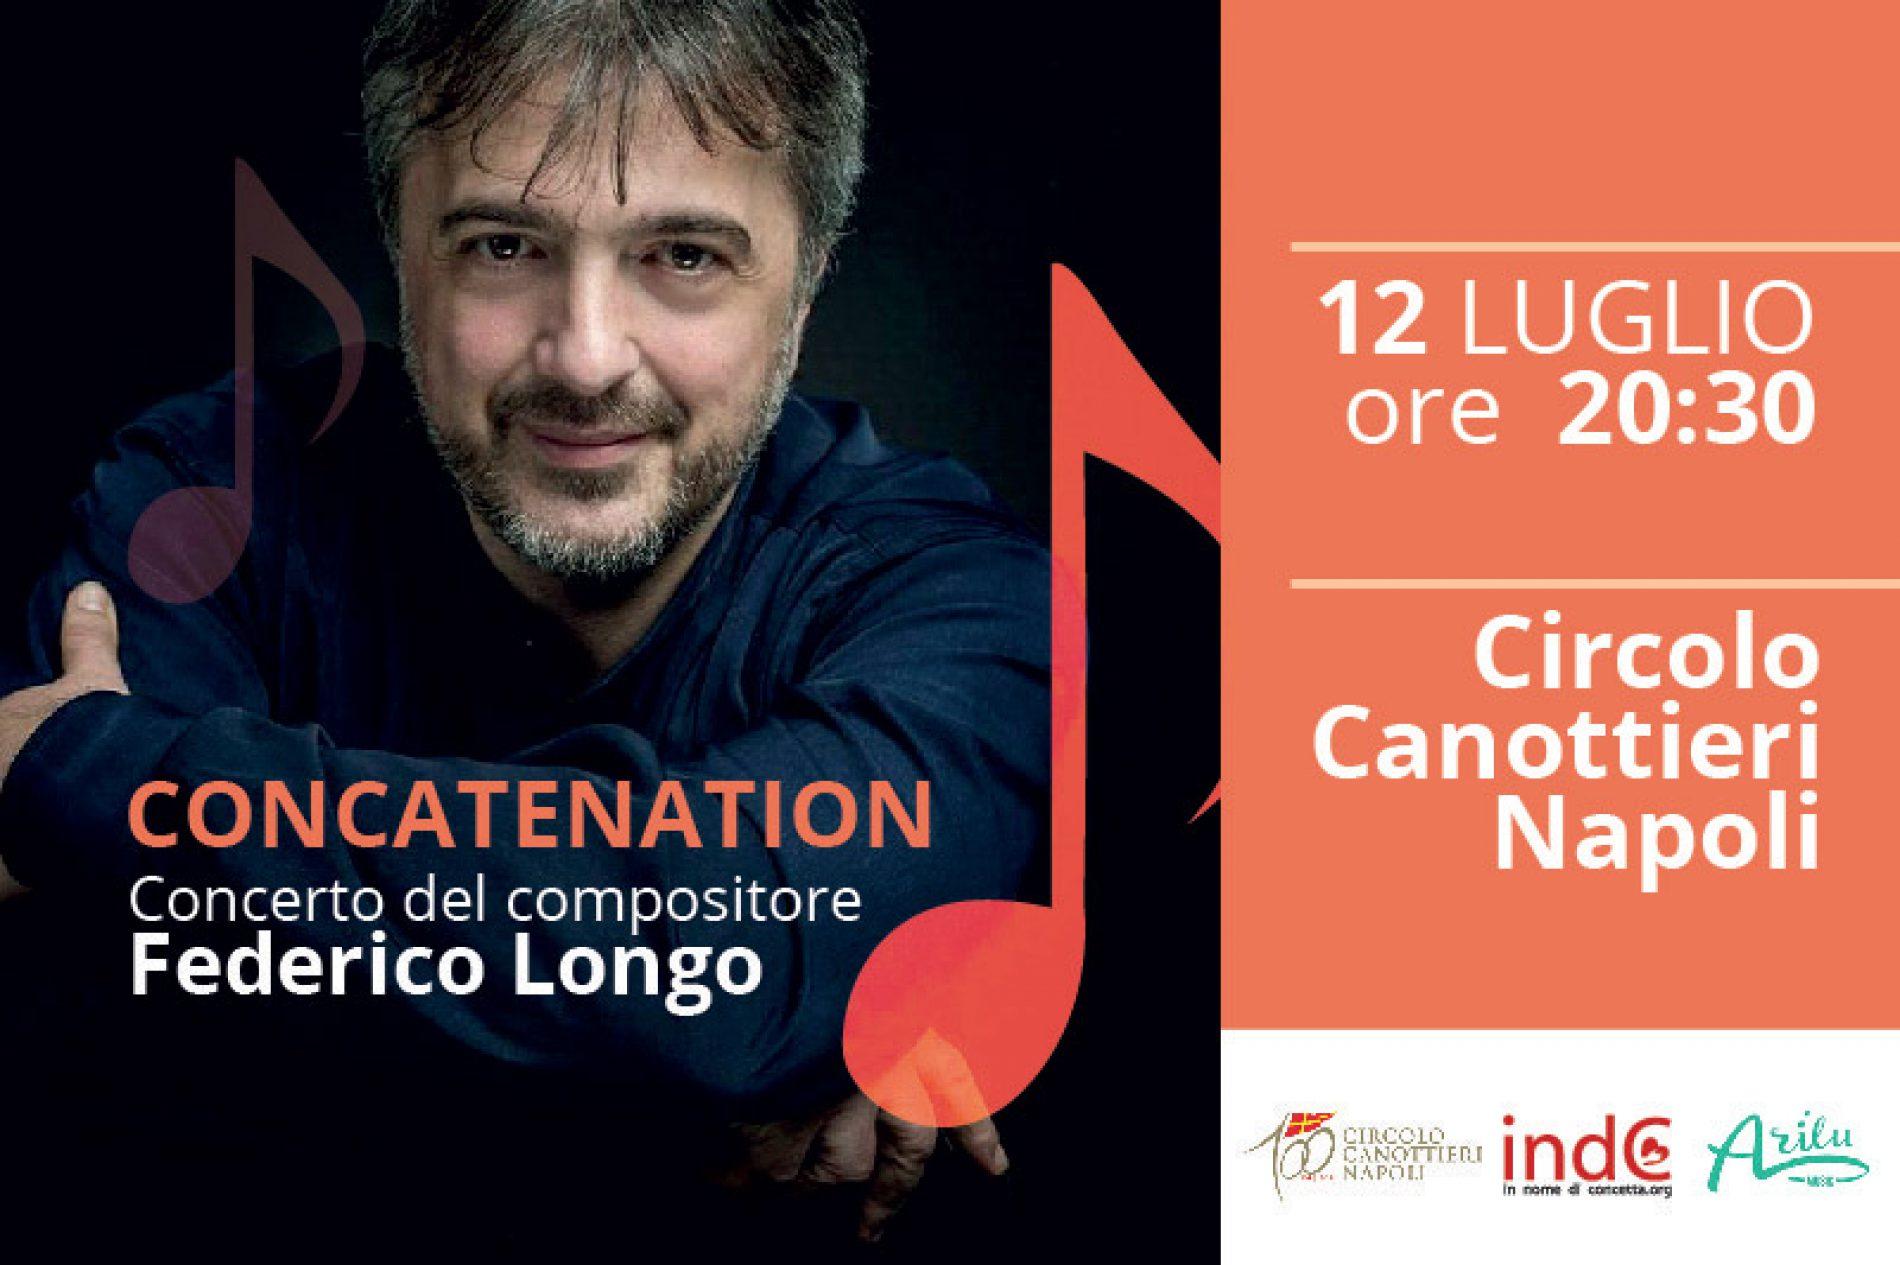 """""""Concatenation"""" una serata benefica con il compositore Federico Longo"""